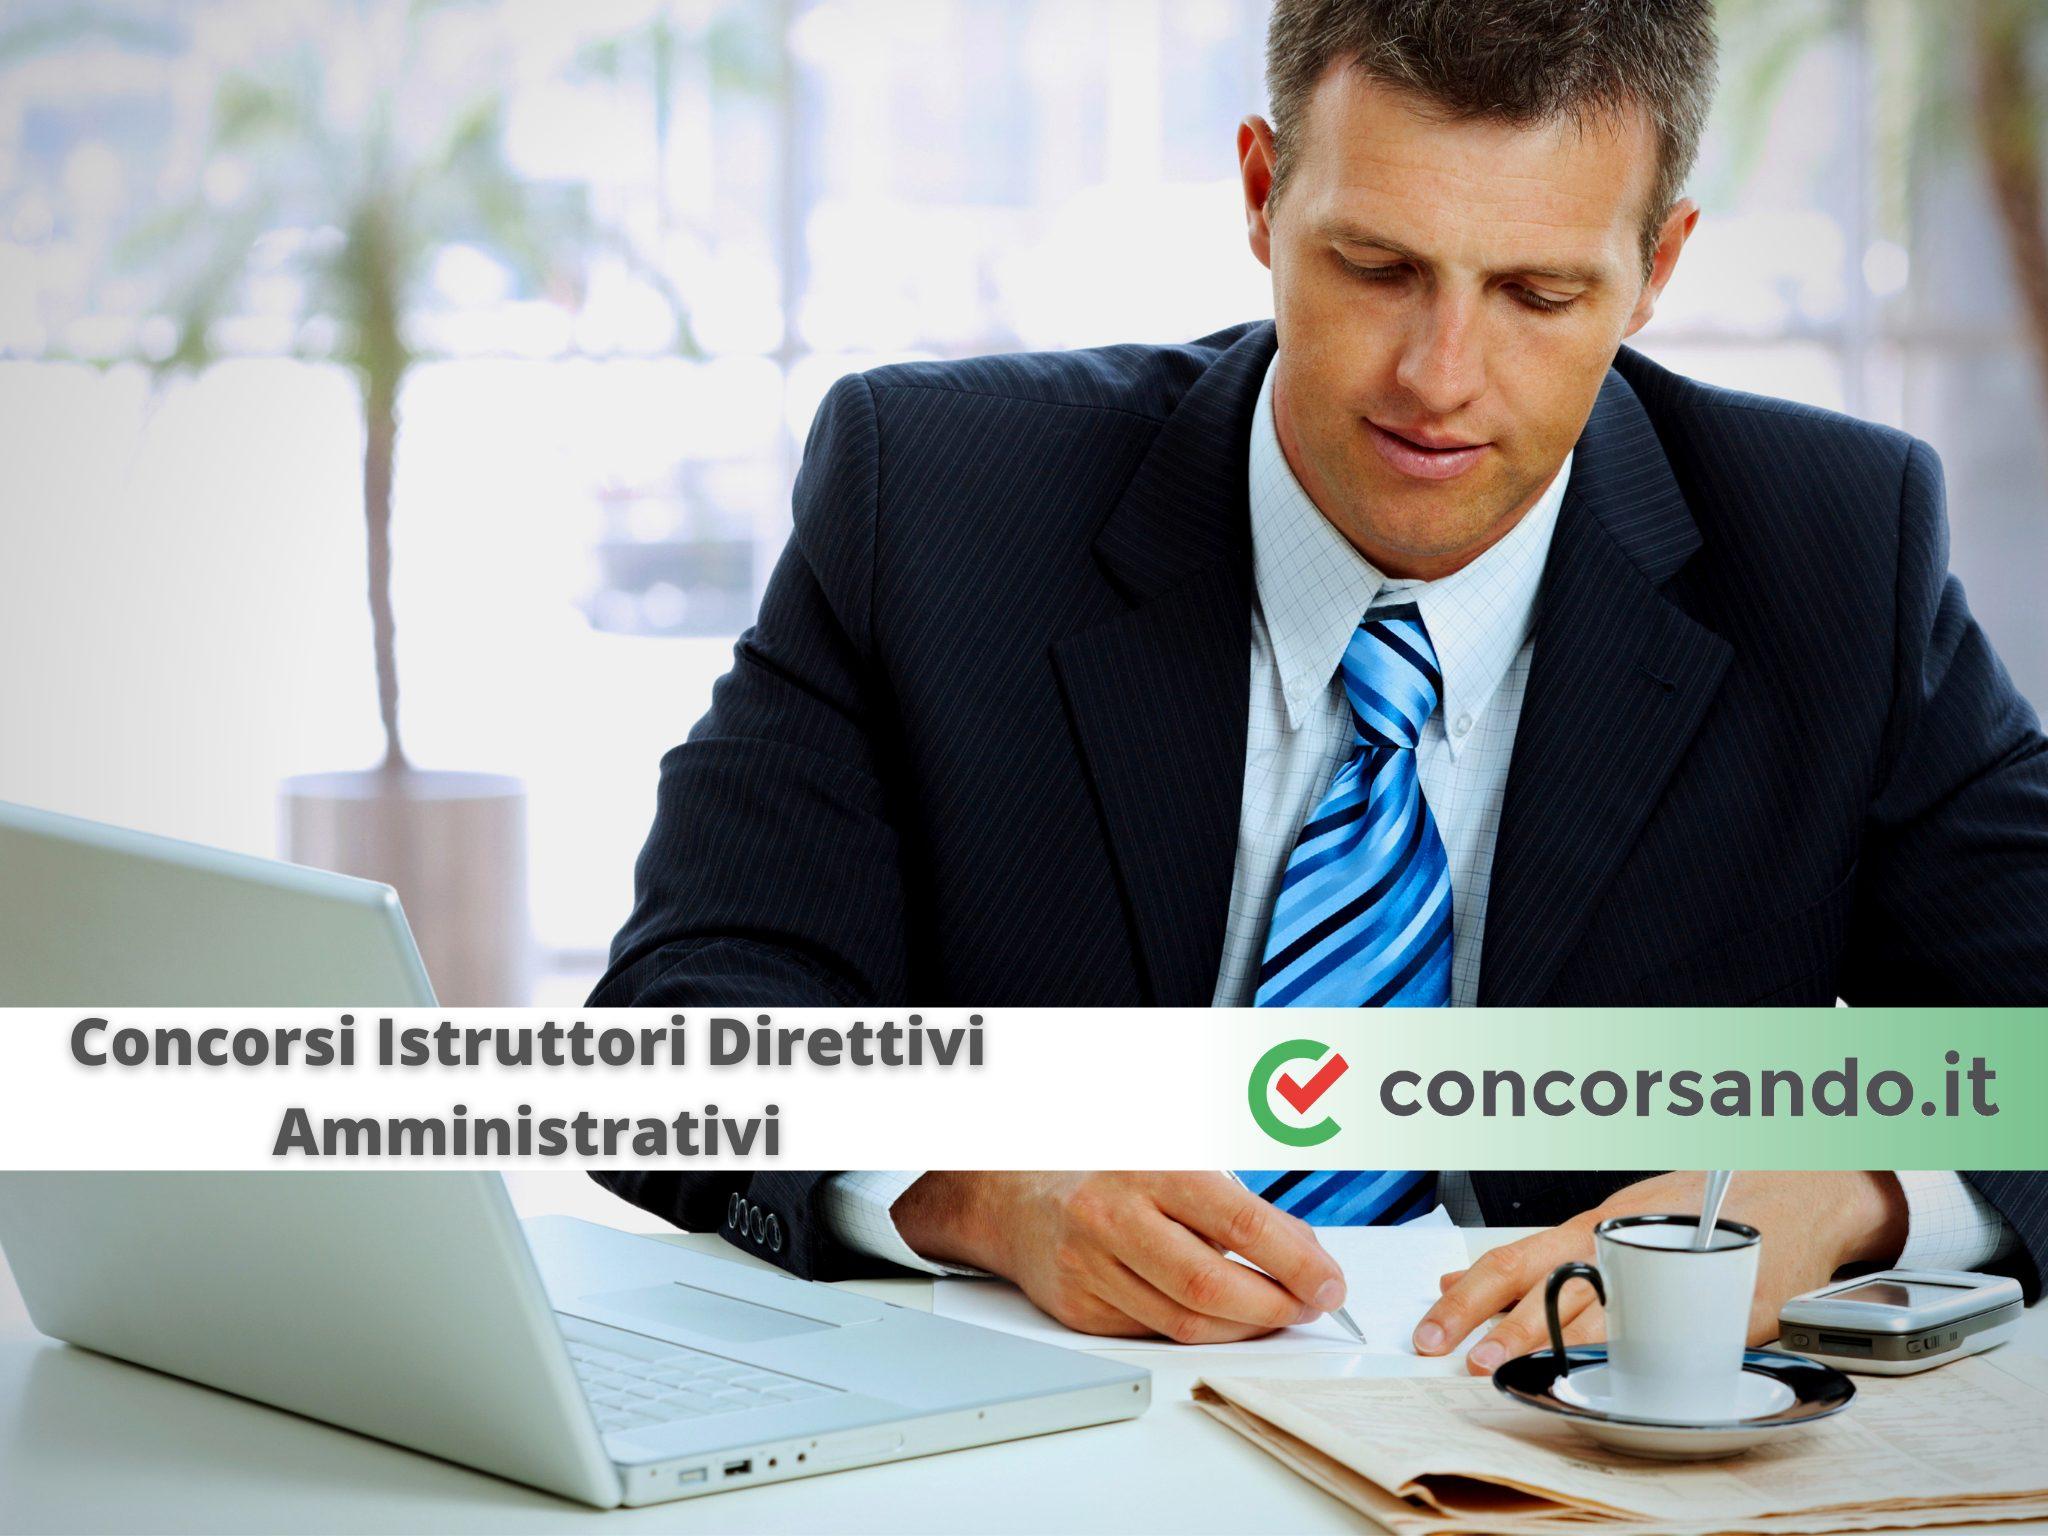 Concorsi Istruttori Direttivi Amministrativi